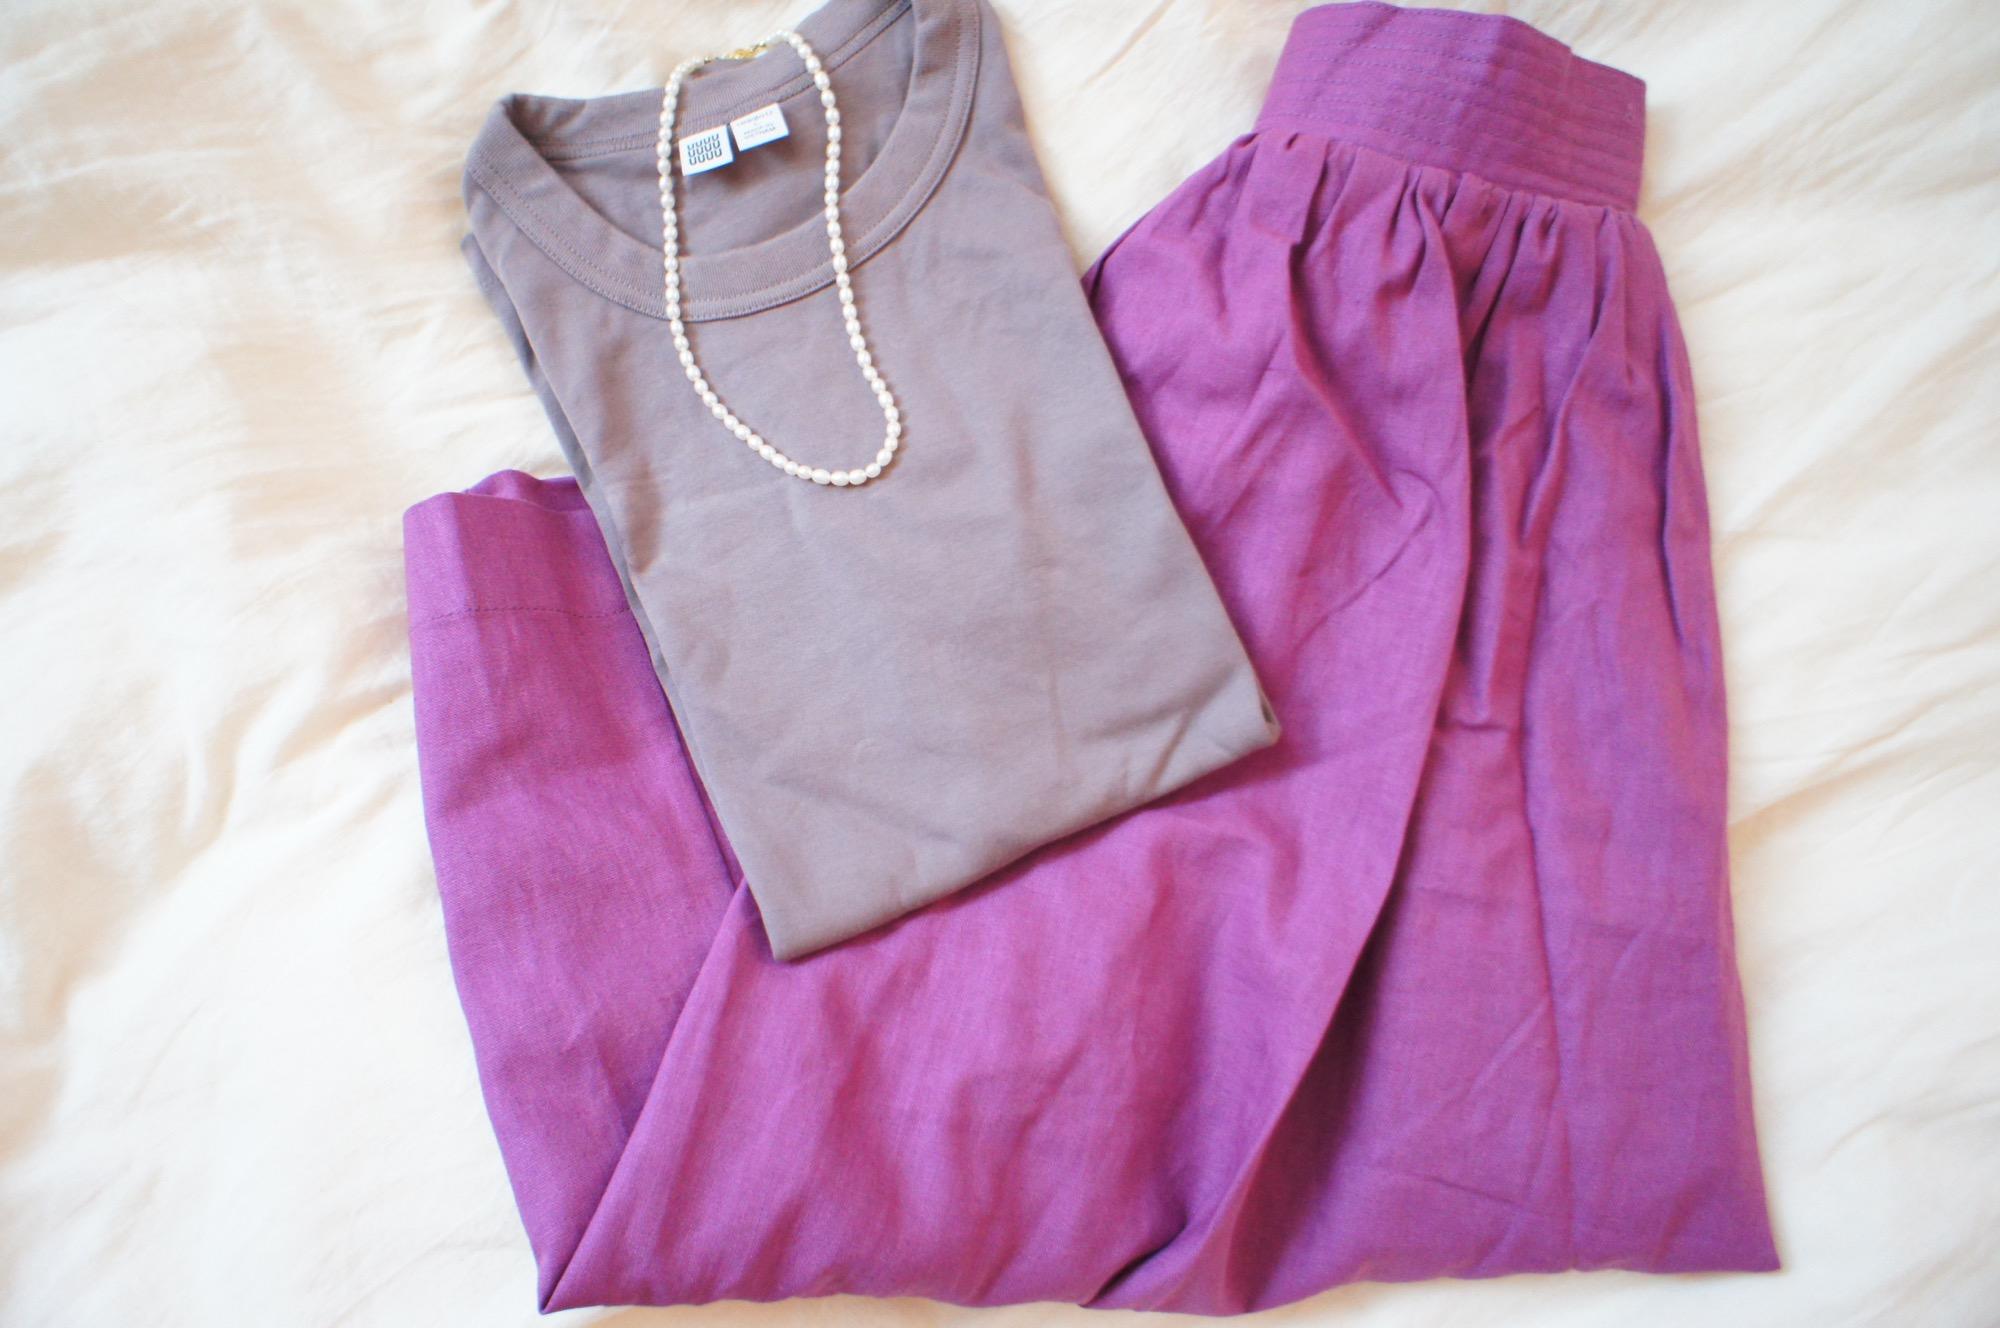 《#170cmトールガール》のプチプラコーデ❤️【MORE本誌にも掲載!】¥2,990+税のラベンダーカラースカートが使える☻_3